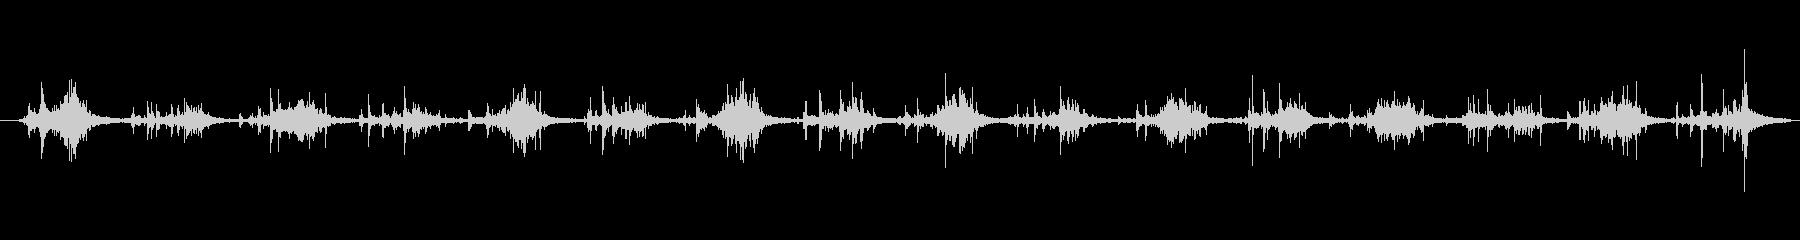 ハーネス ライトウォークシーケンス03の未再生の波形